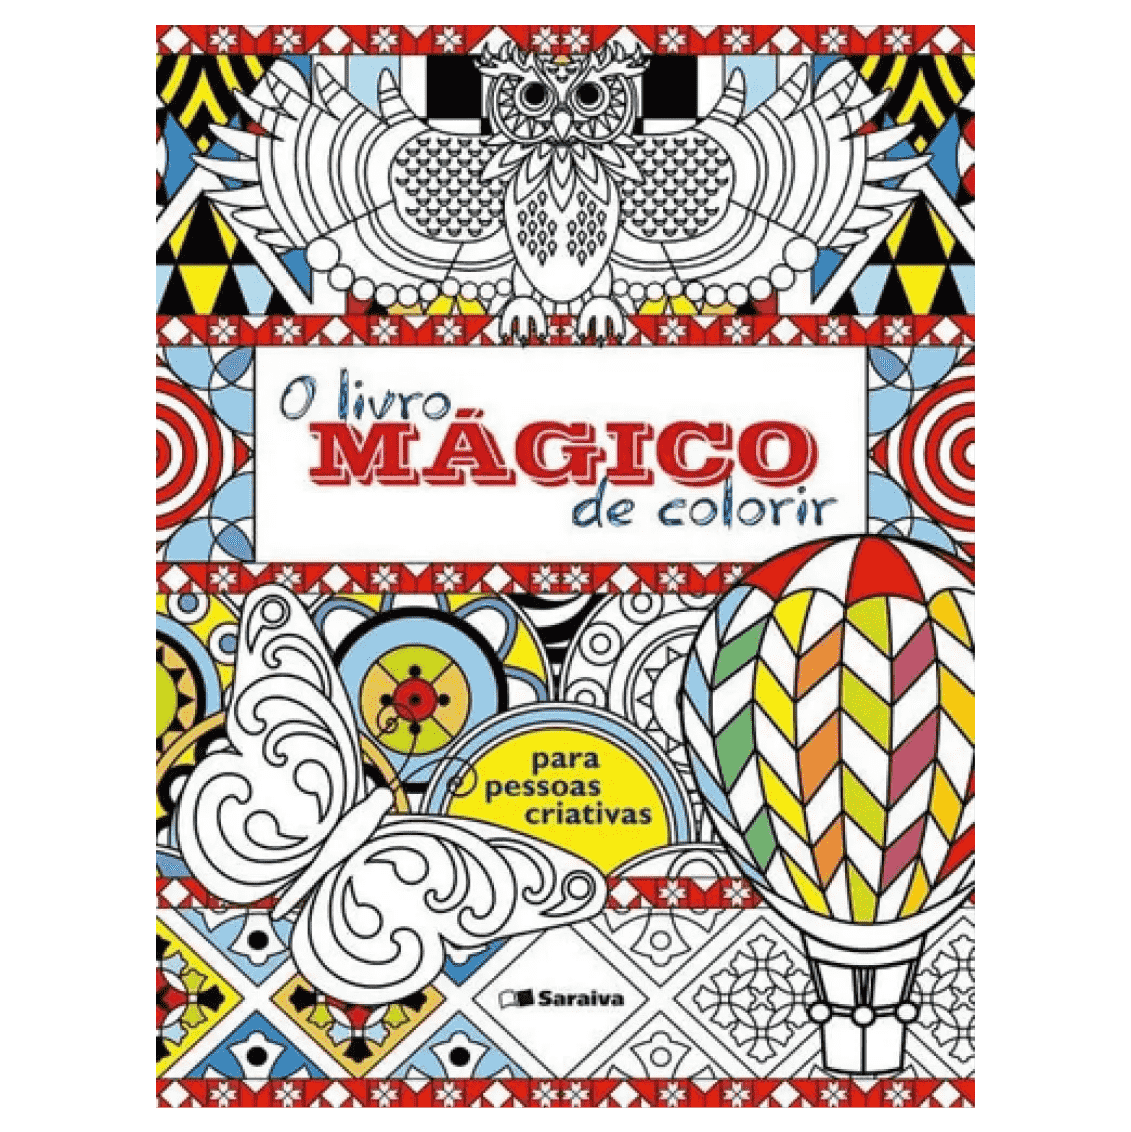 O Livro Magico de Colorir